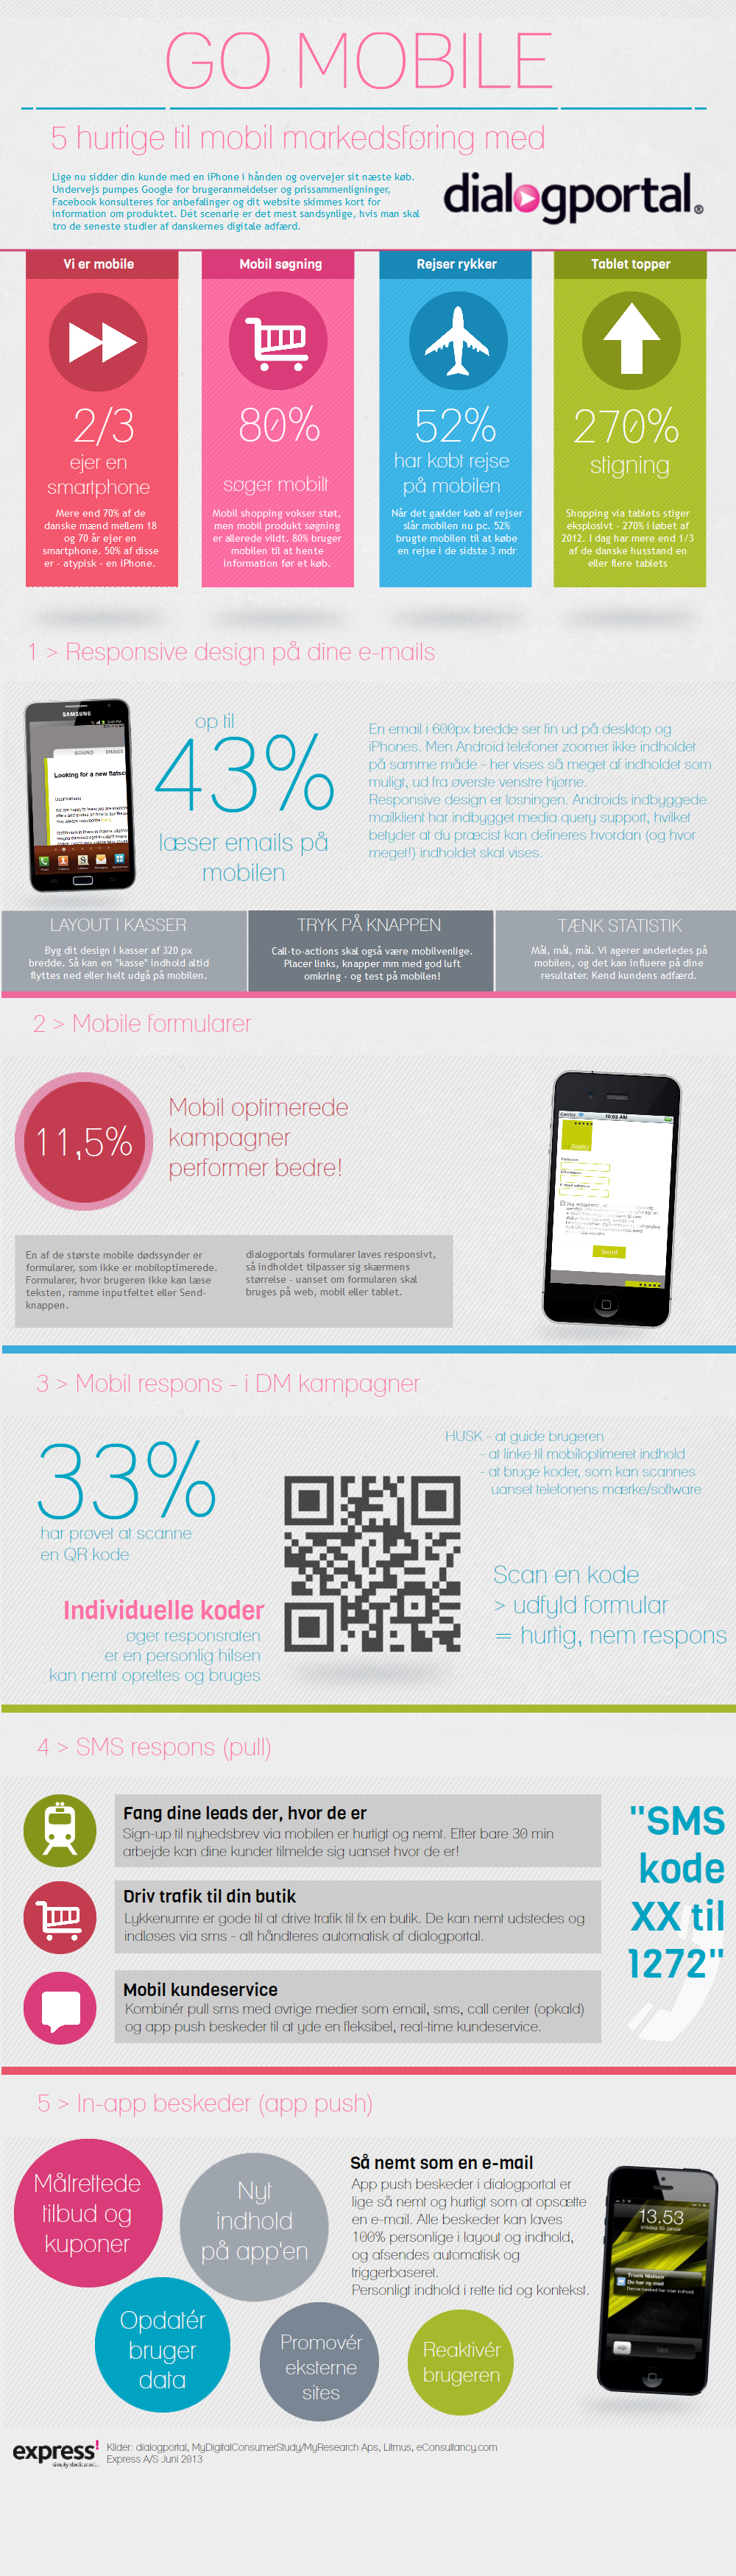 Få 5 tips til at målrette din markedsføring til den mobile forbruger (infographic)